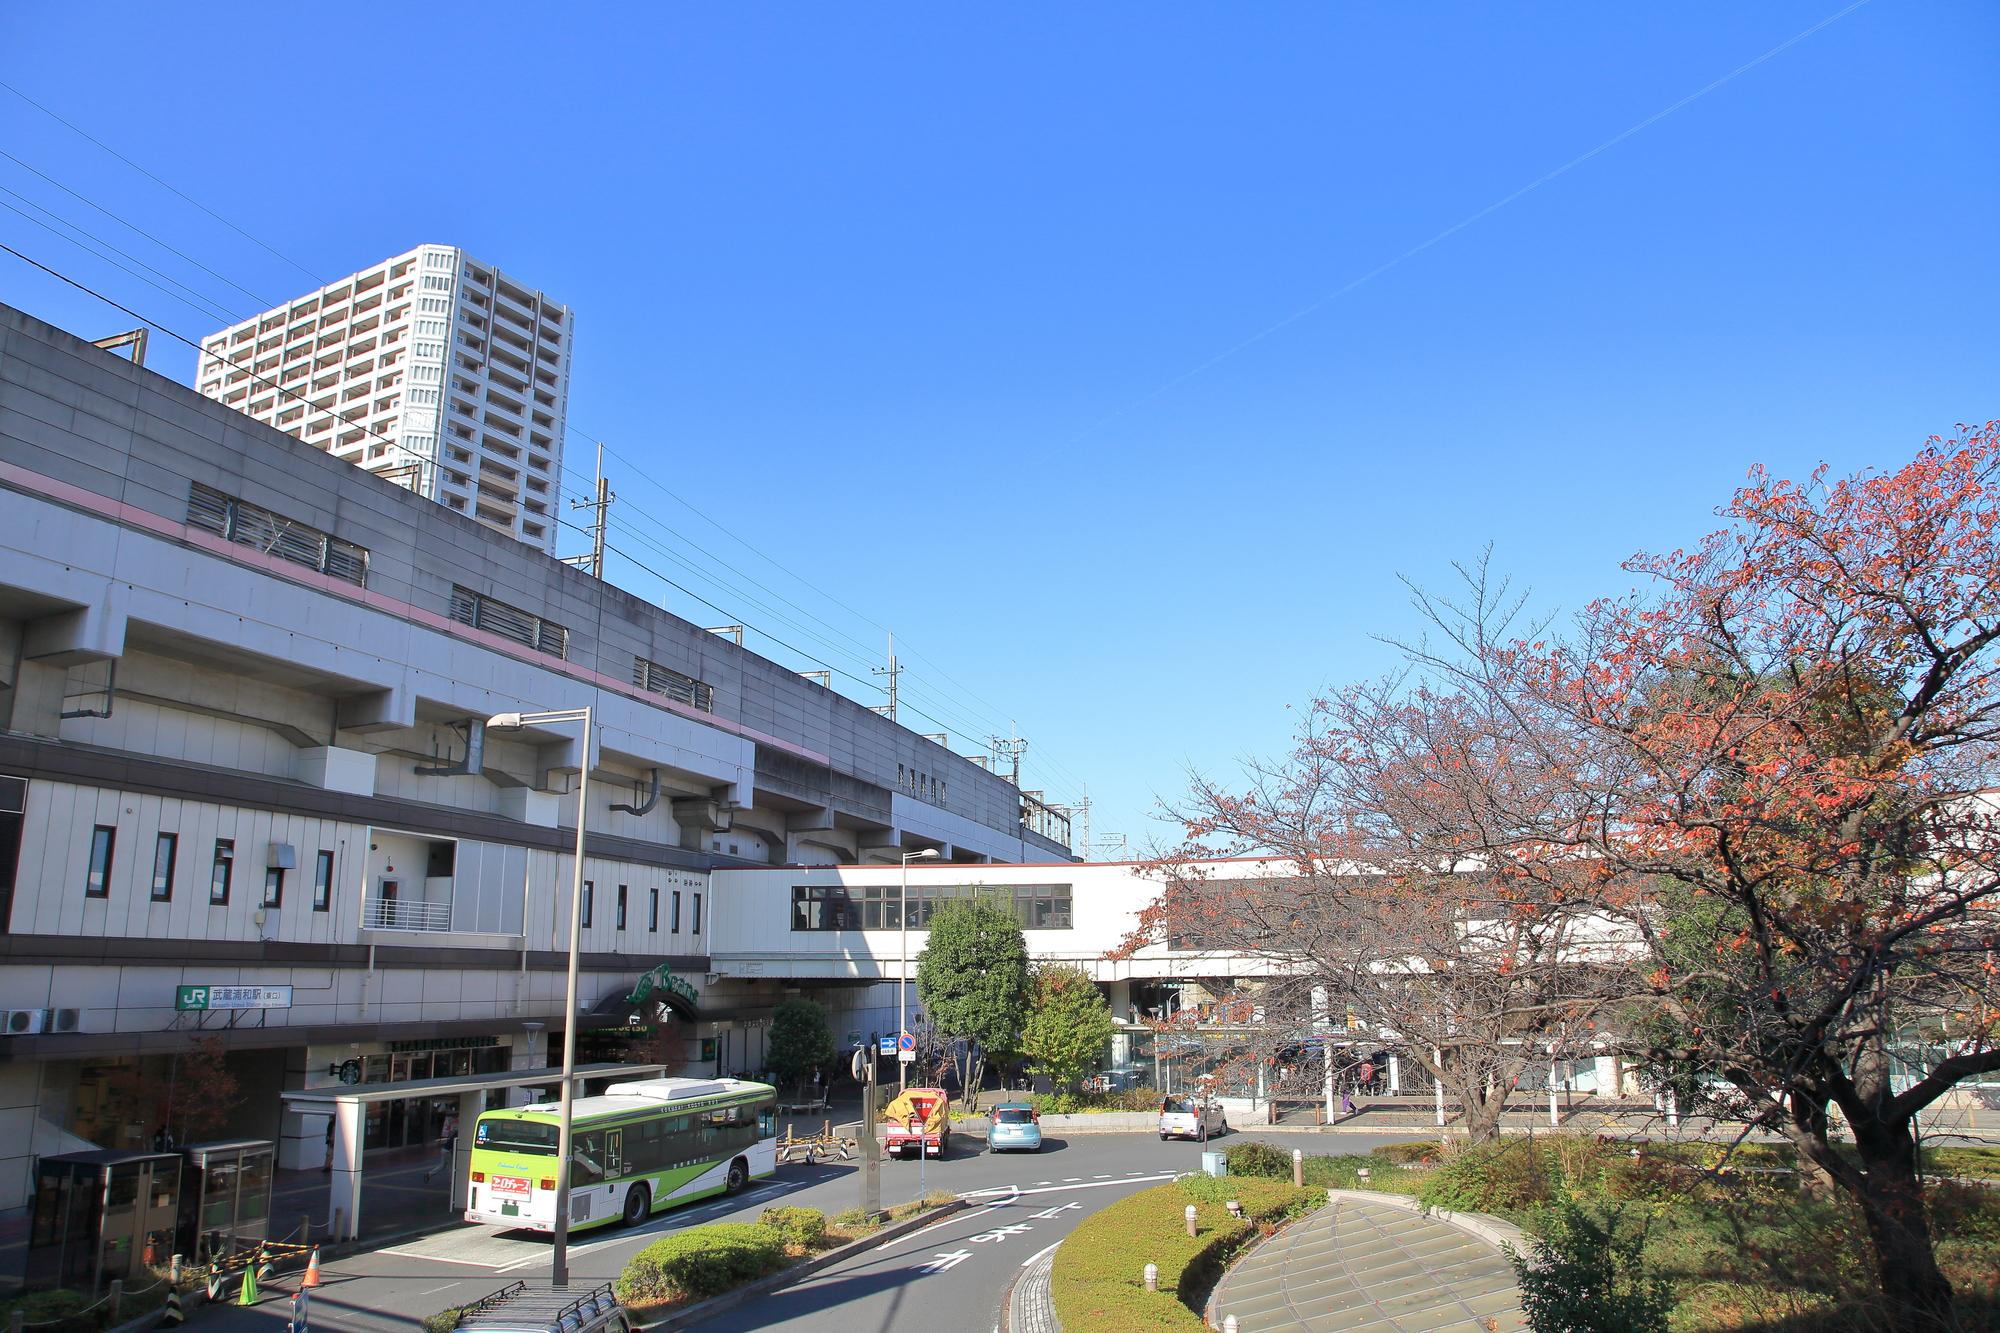 【18時可】武蔵浦和駅近くで夕方診療している歯医者4院のおすすめポイント